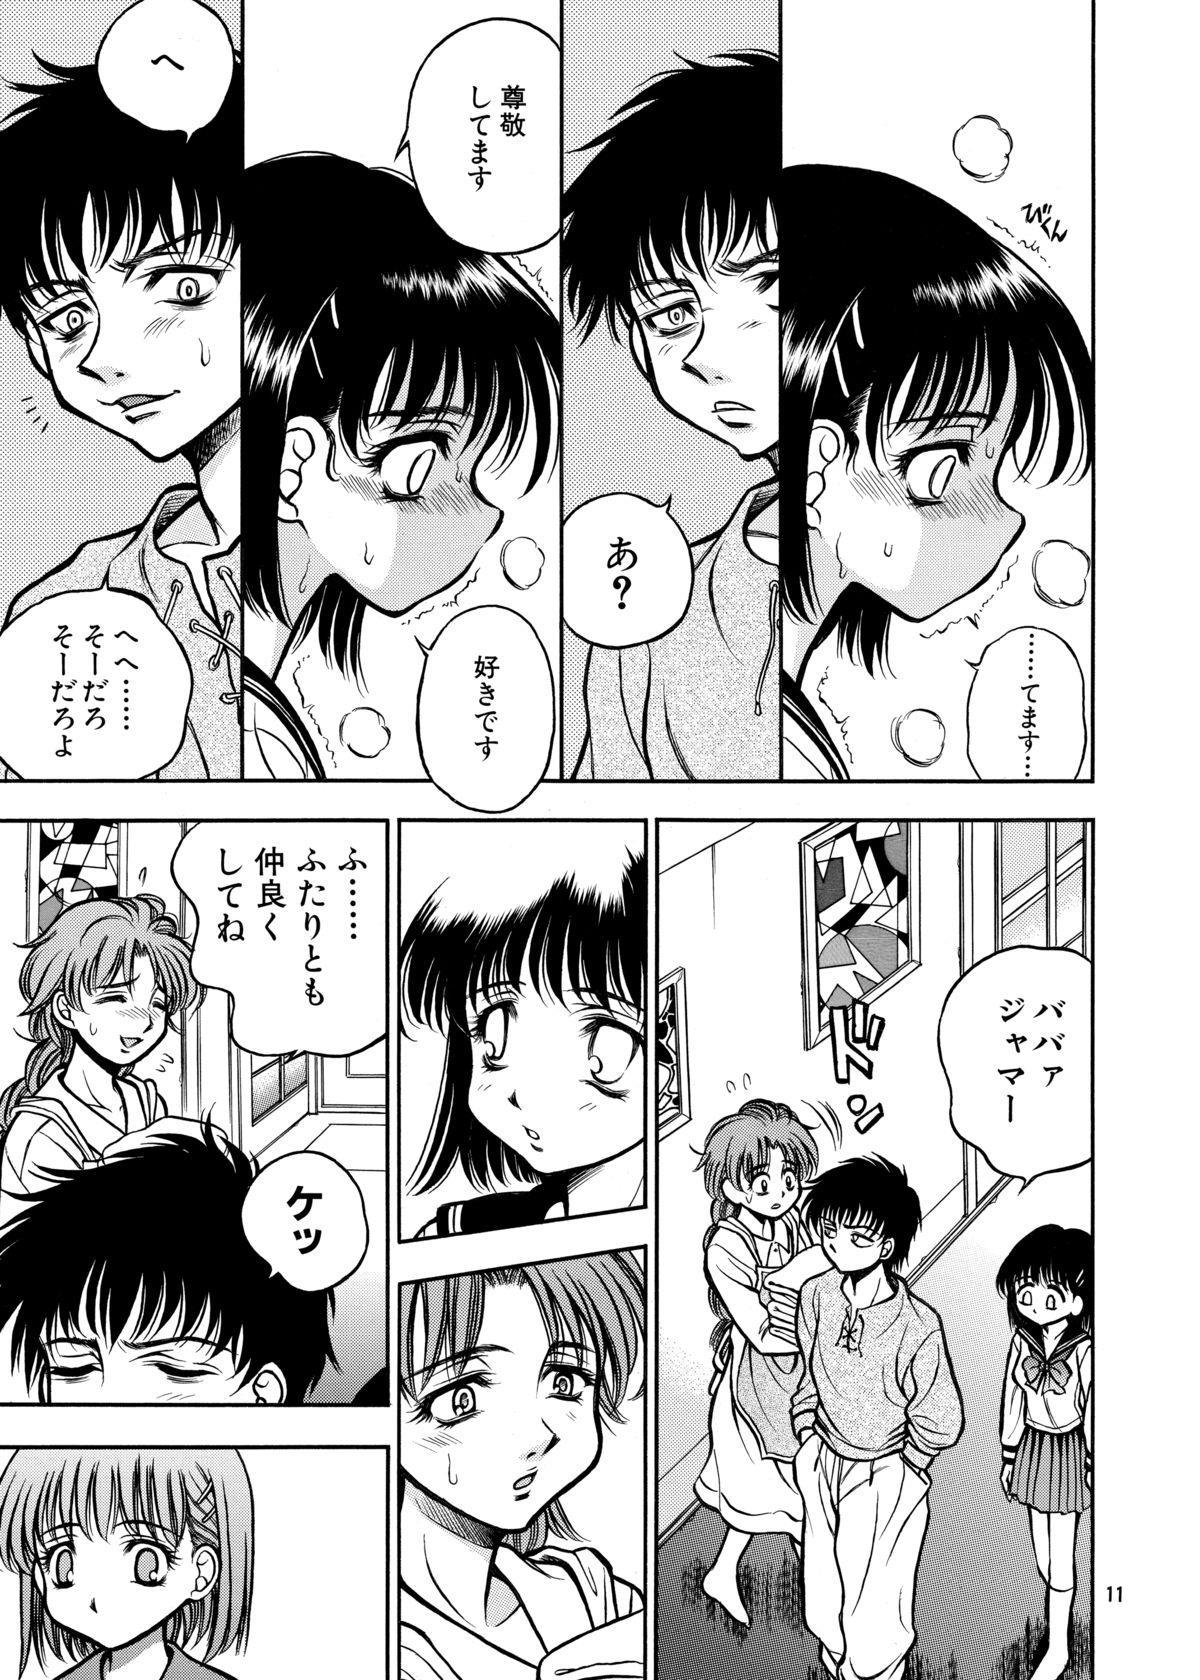 ココロノママニ 厩戸王子商業作品再録本 9